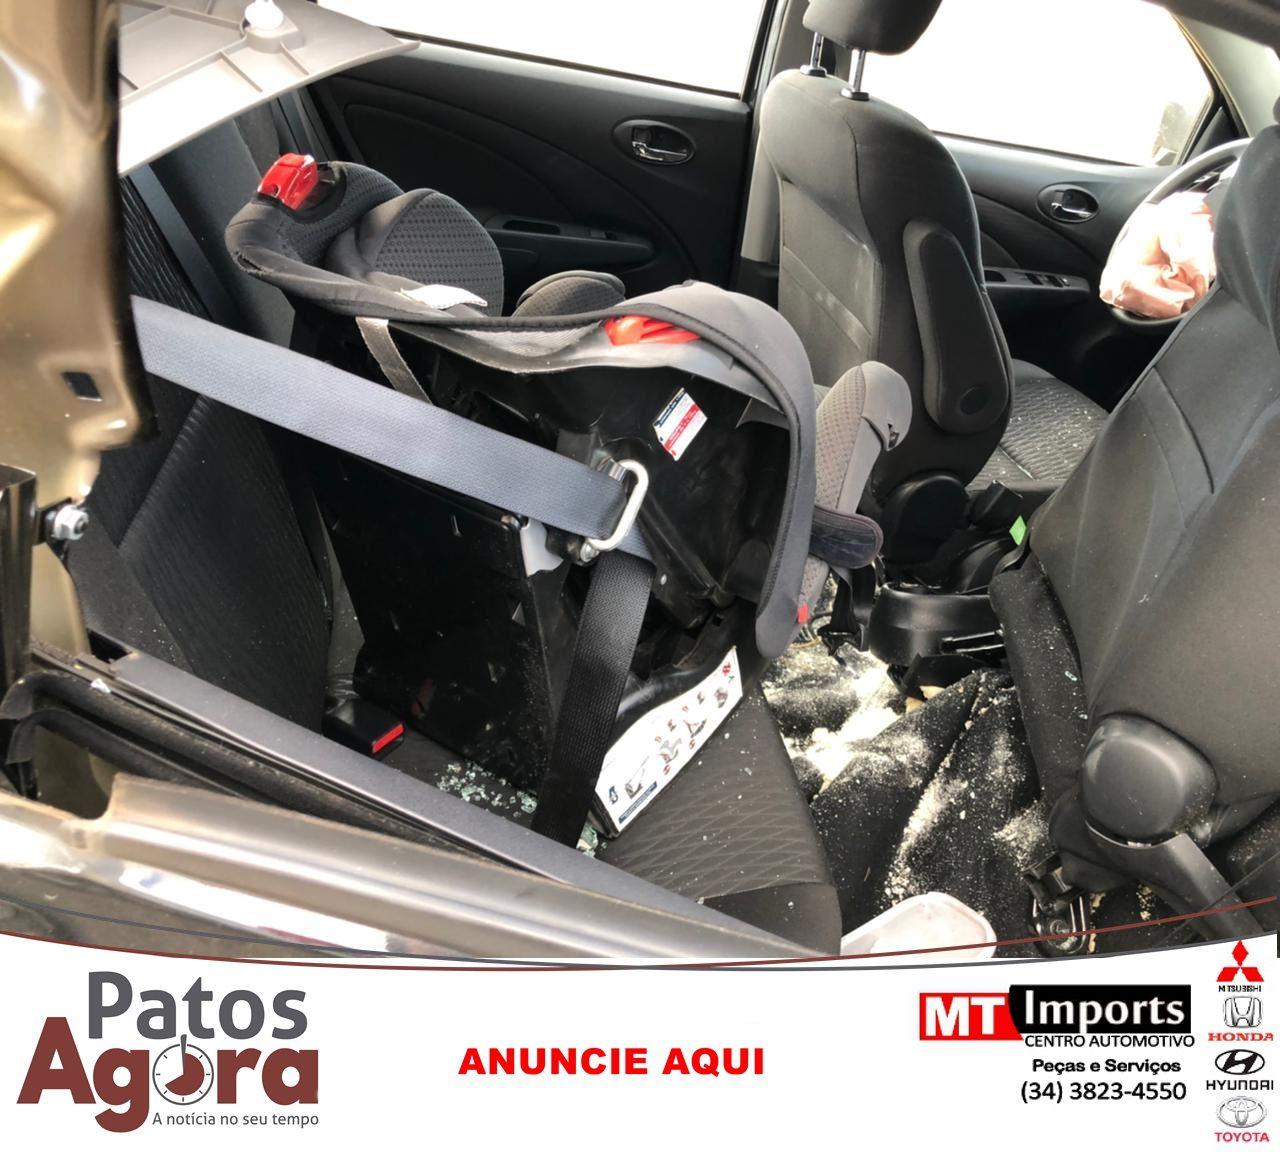 Condutor colide na traseira de Bitrem na BR-365 em Patos de Minas